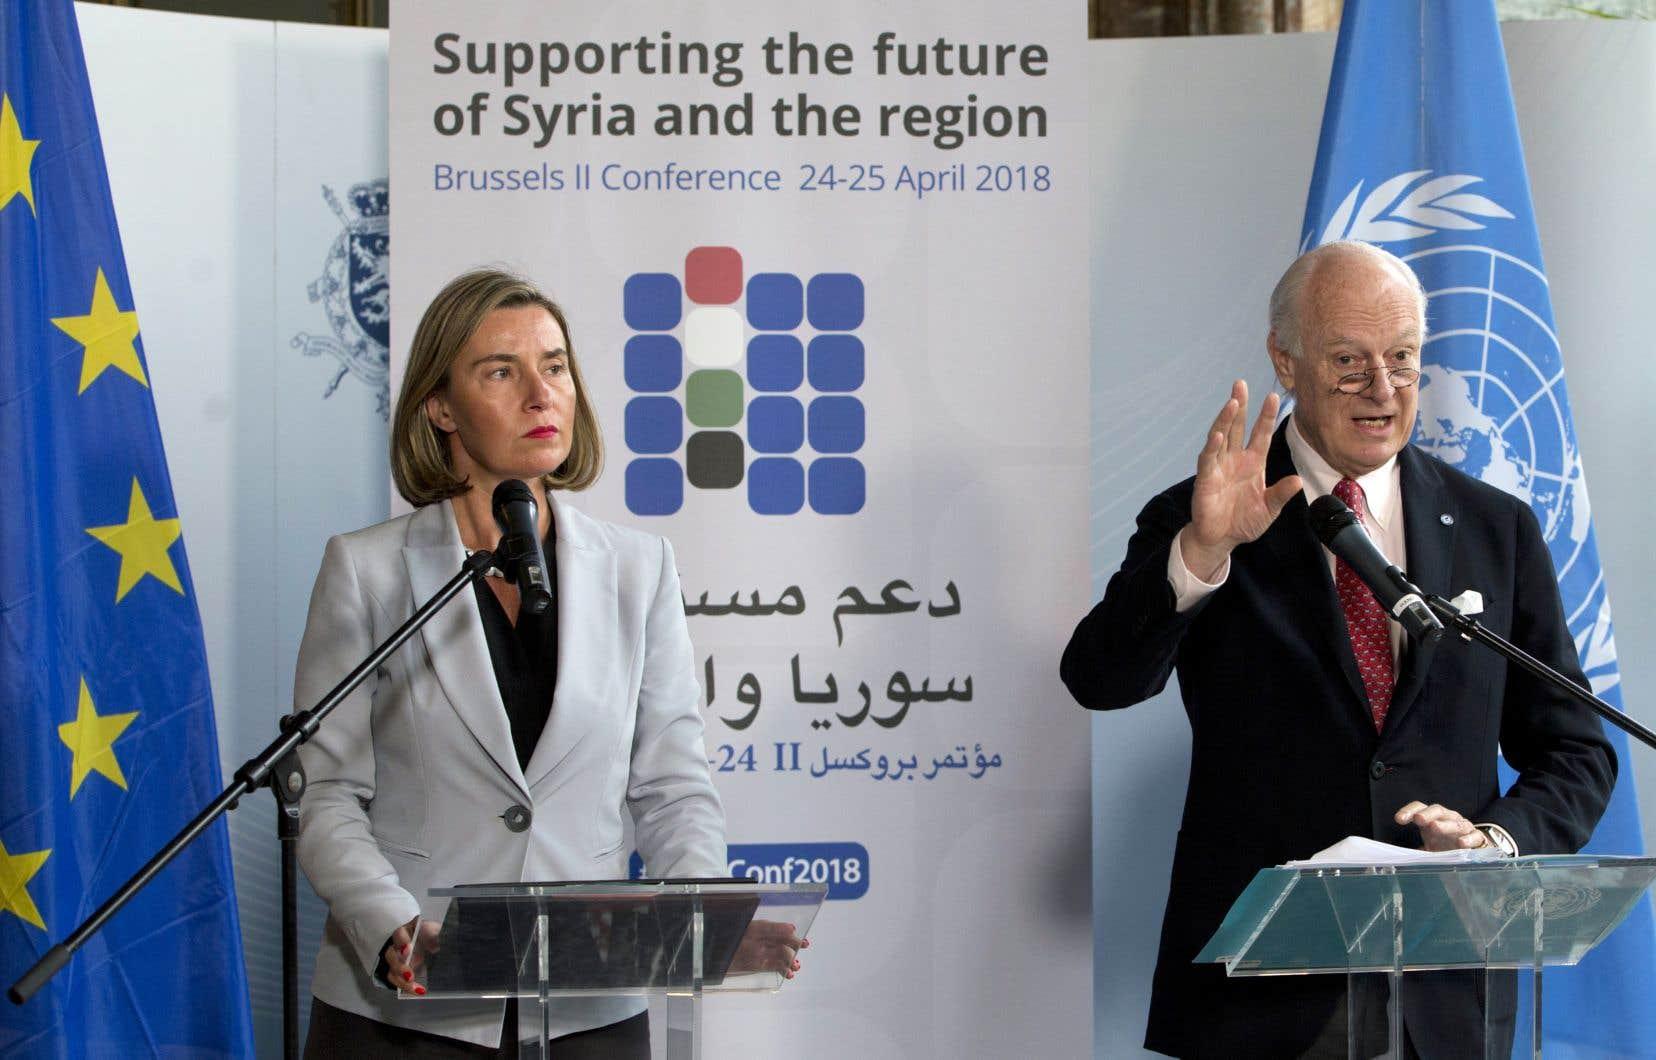 La représentante de la diplomatie de l'UE, Federica Mogherini, et l'envoyé spécial de l'ONU pour la Syrie, Staffan de Mistura